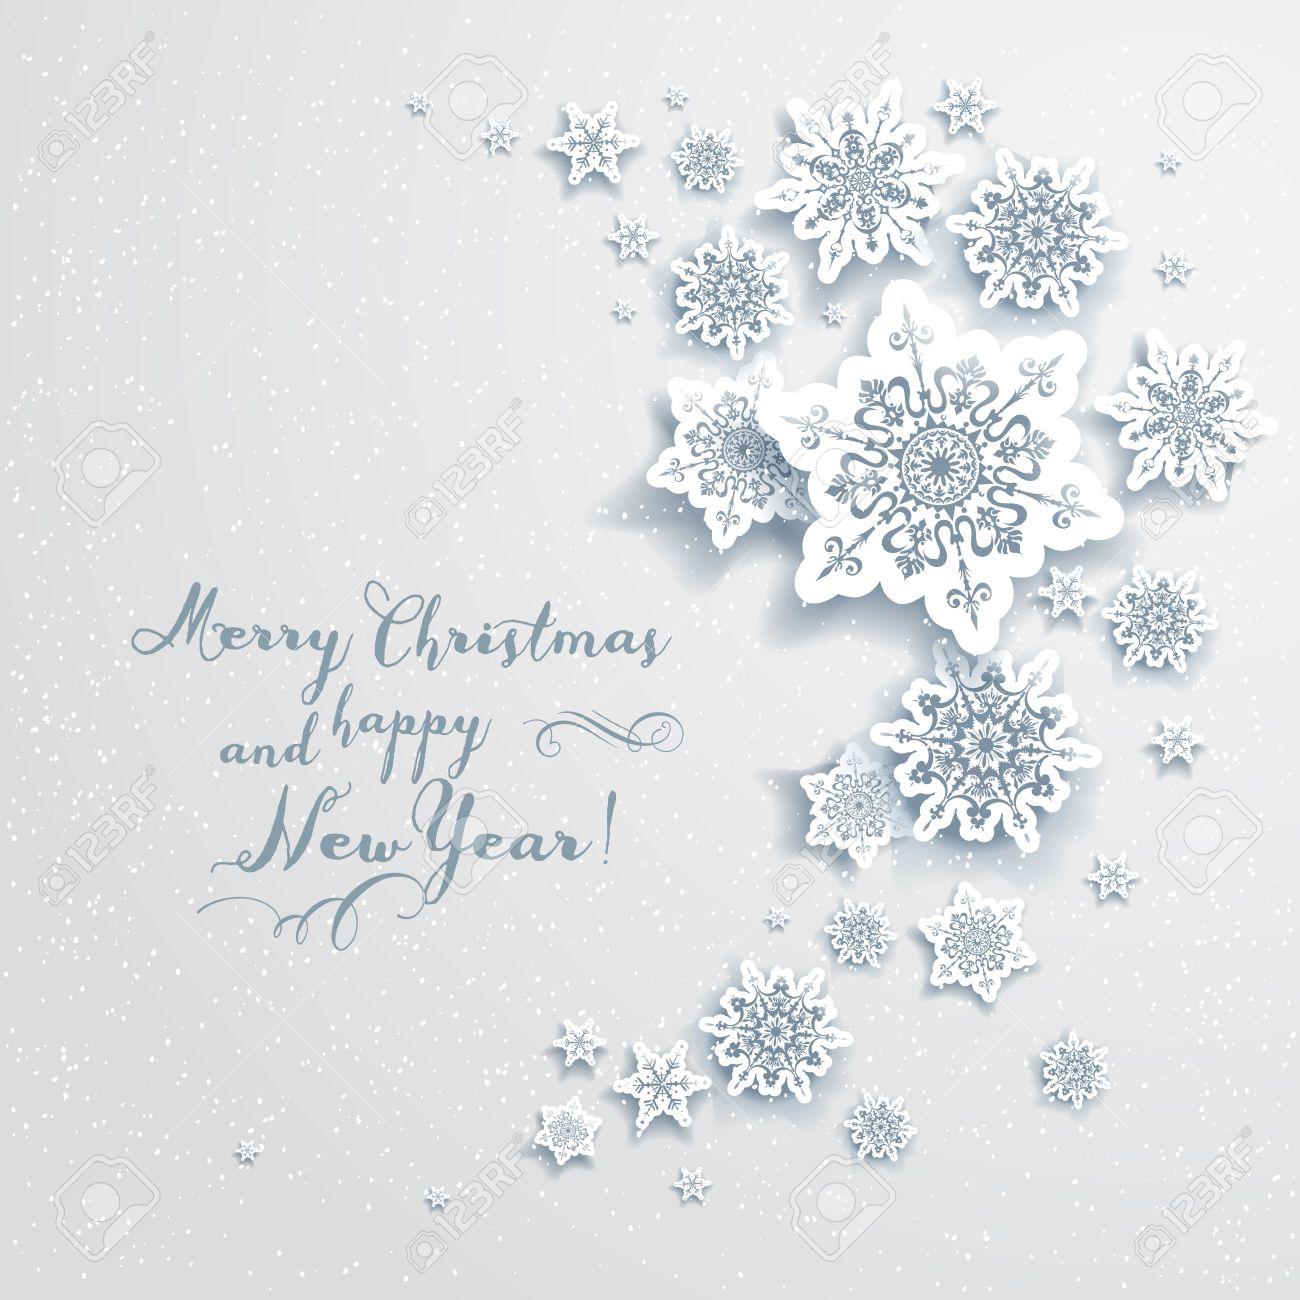 tarjeta de vacaciones de navidad con copos de nieve diseo elegante para la publicidad